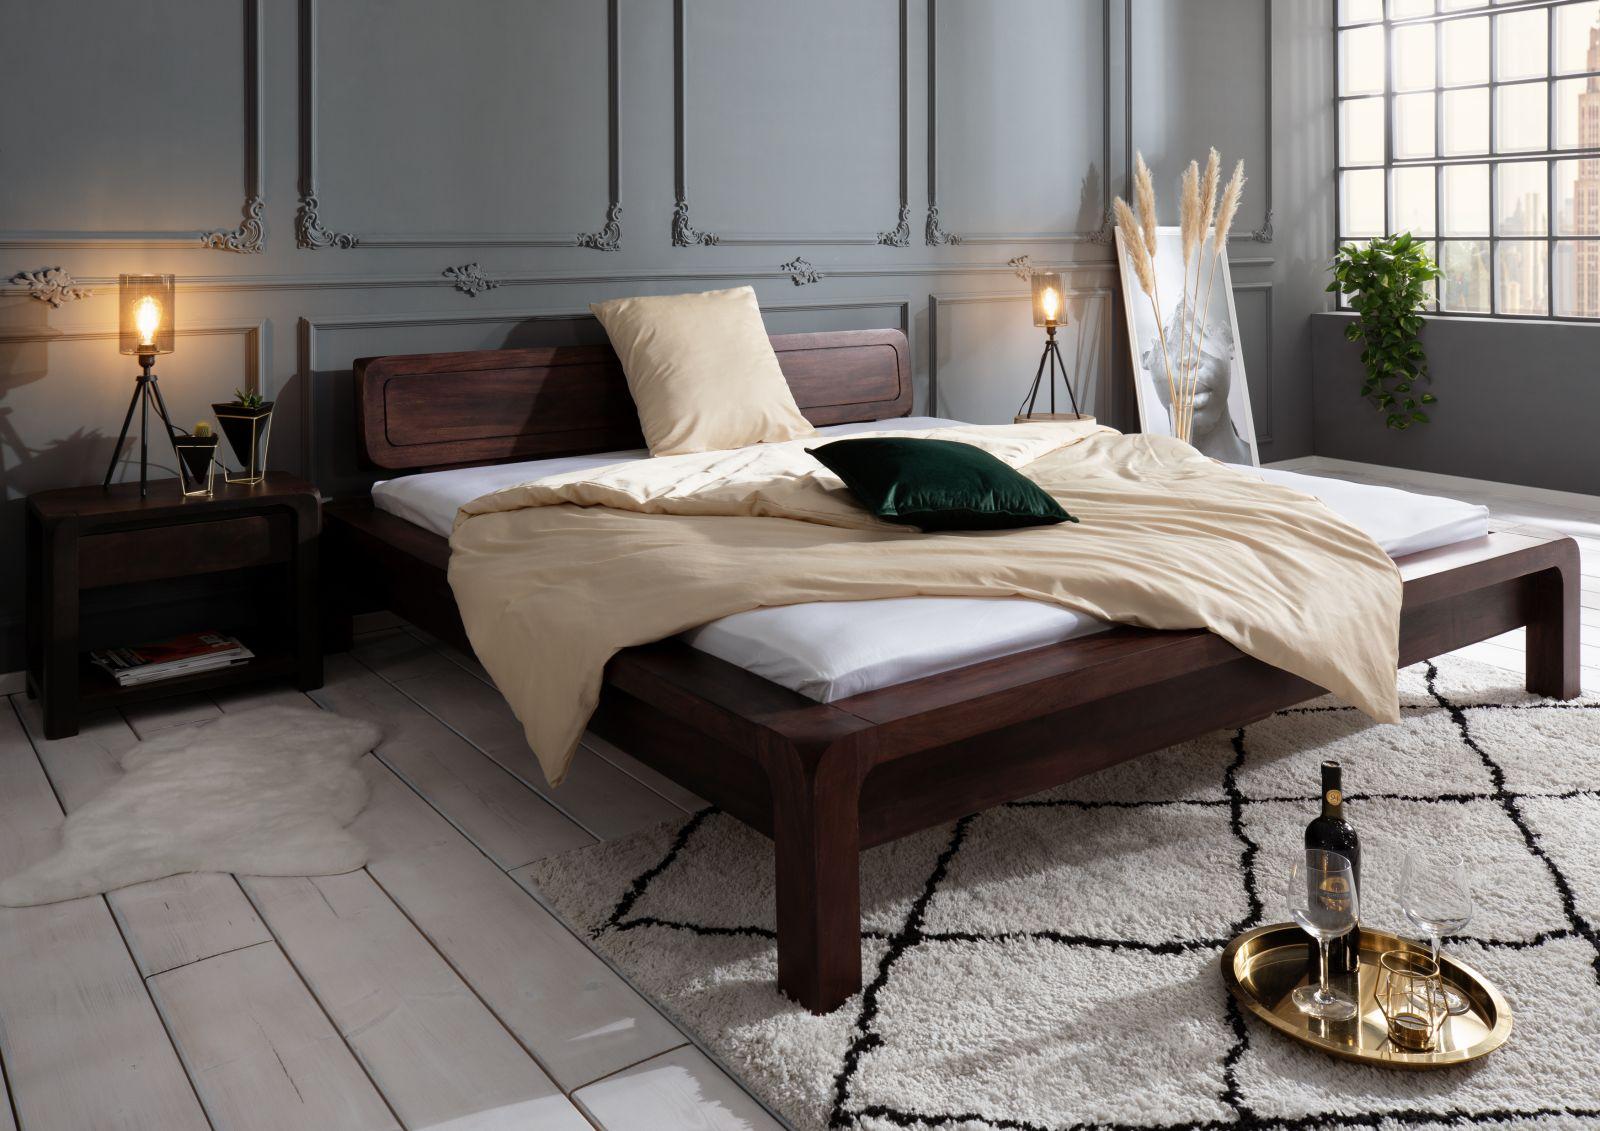 Full Size of Bett Modern Holz Italienisches Design Puristisch Beyond Better Sleep Pillow 180x200 Betten 120x200 Leader Aus Akazie Gelt Grau Günstige Antike 90x190 Amazon Wohnzimmer Bett Modern